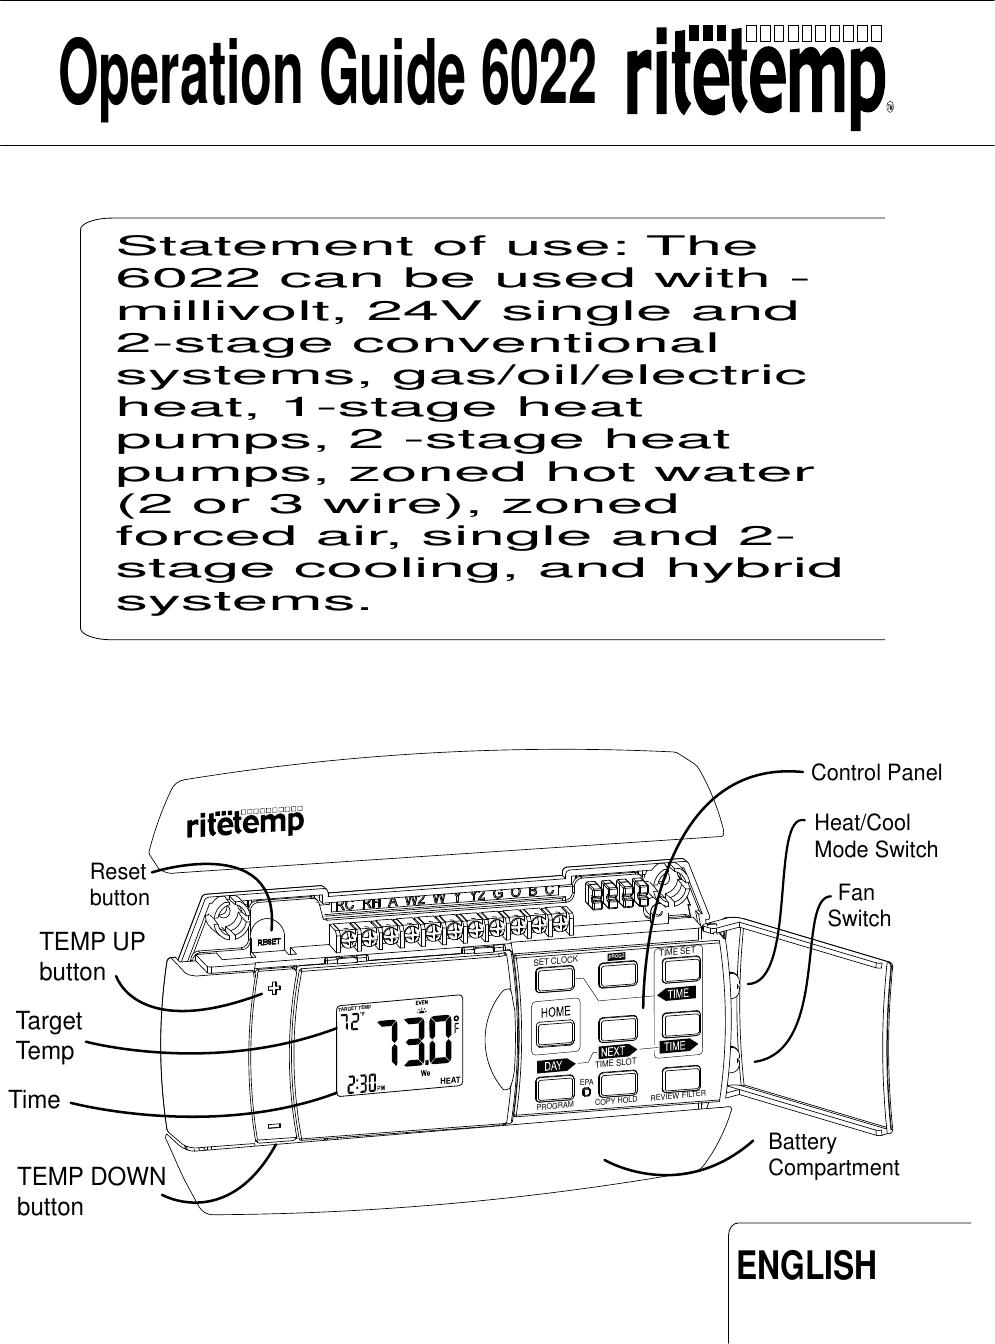 Ritetemp 6022 Owner S Manual